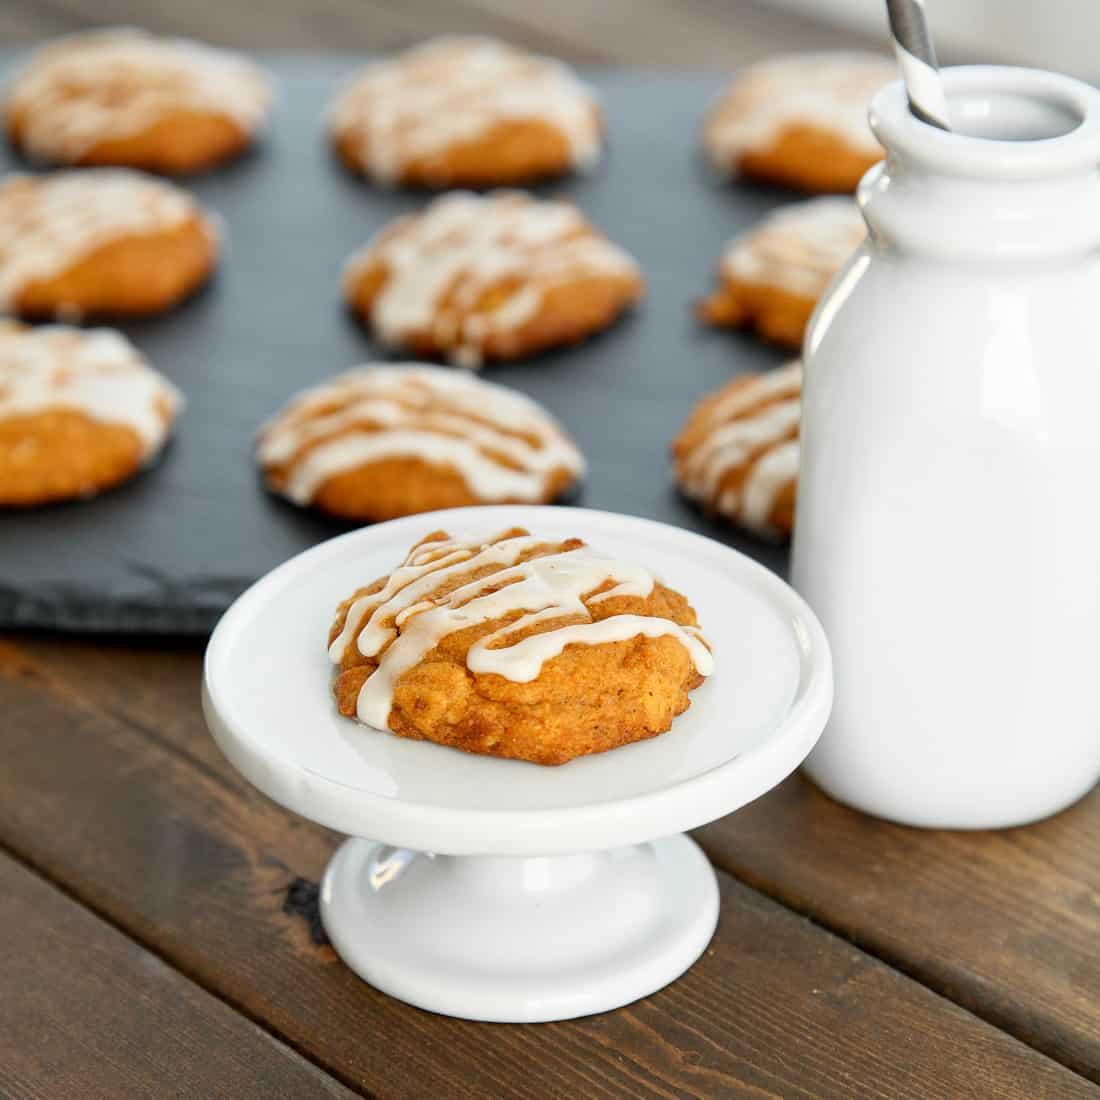 Gluten-free pumpkin spiced cookies